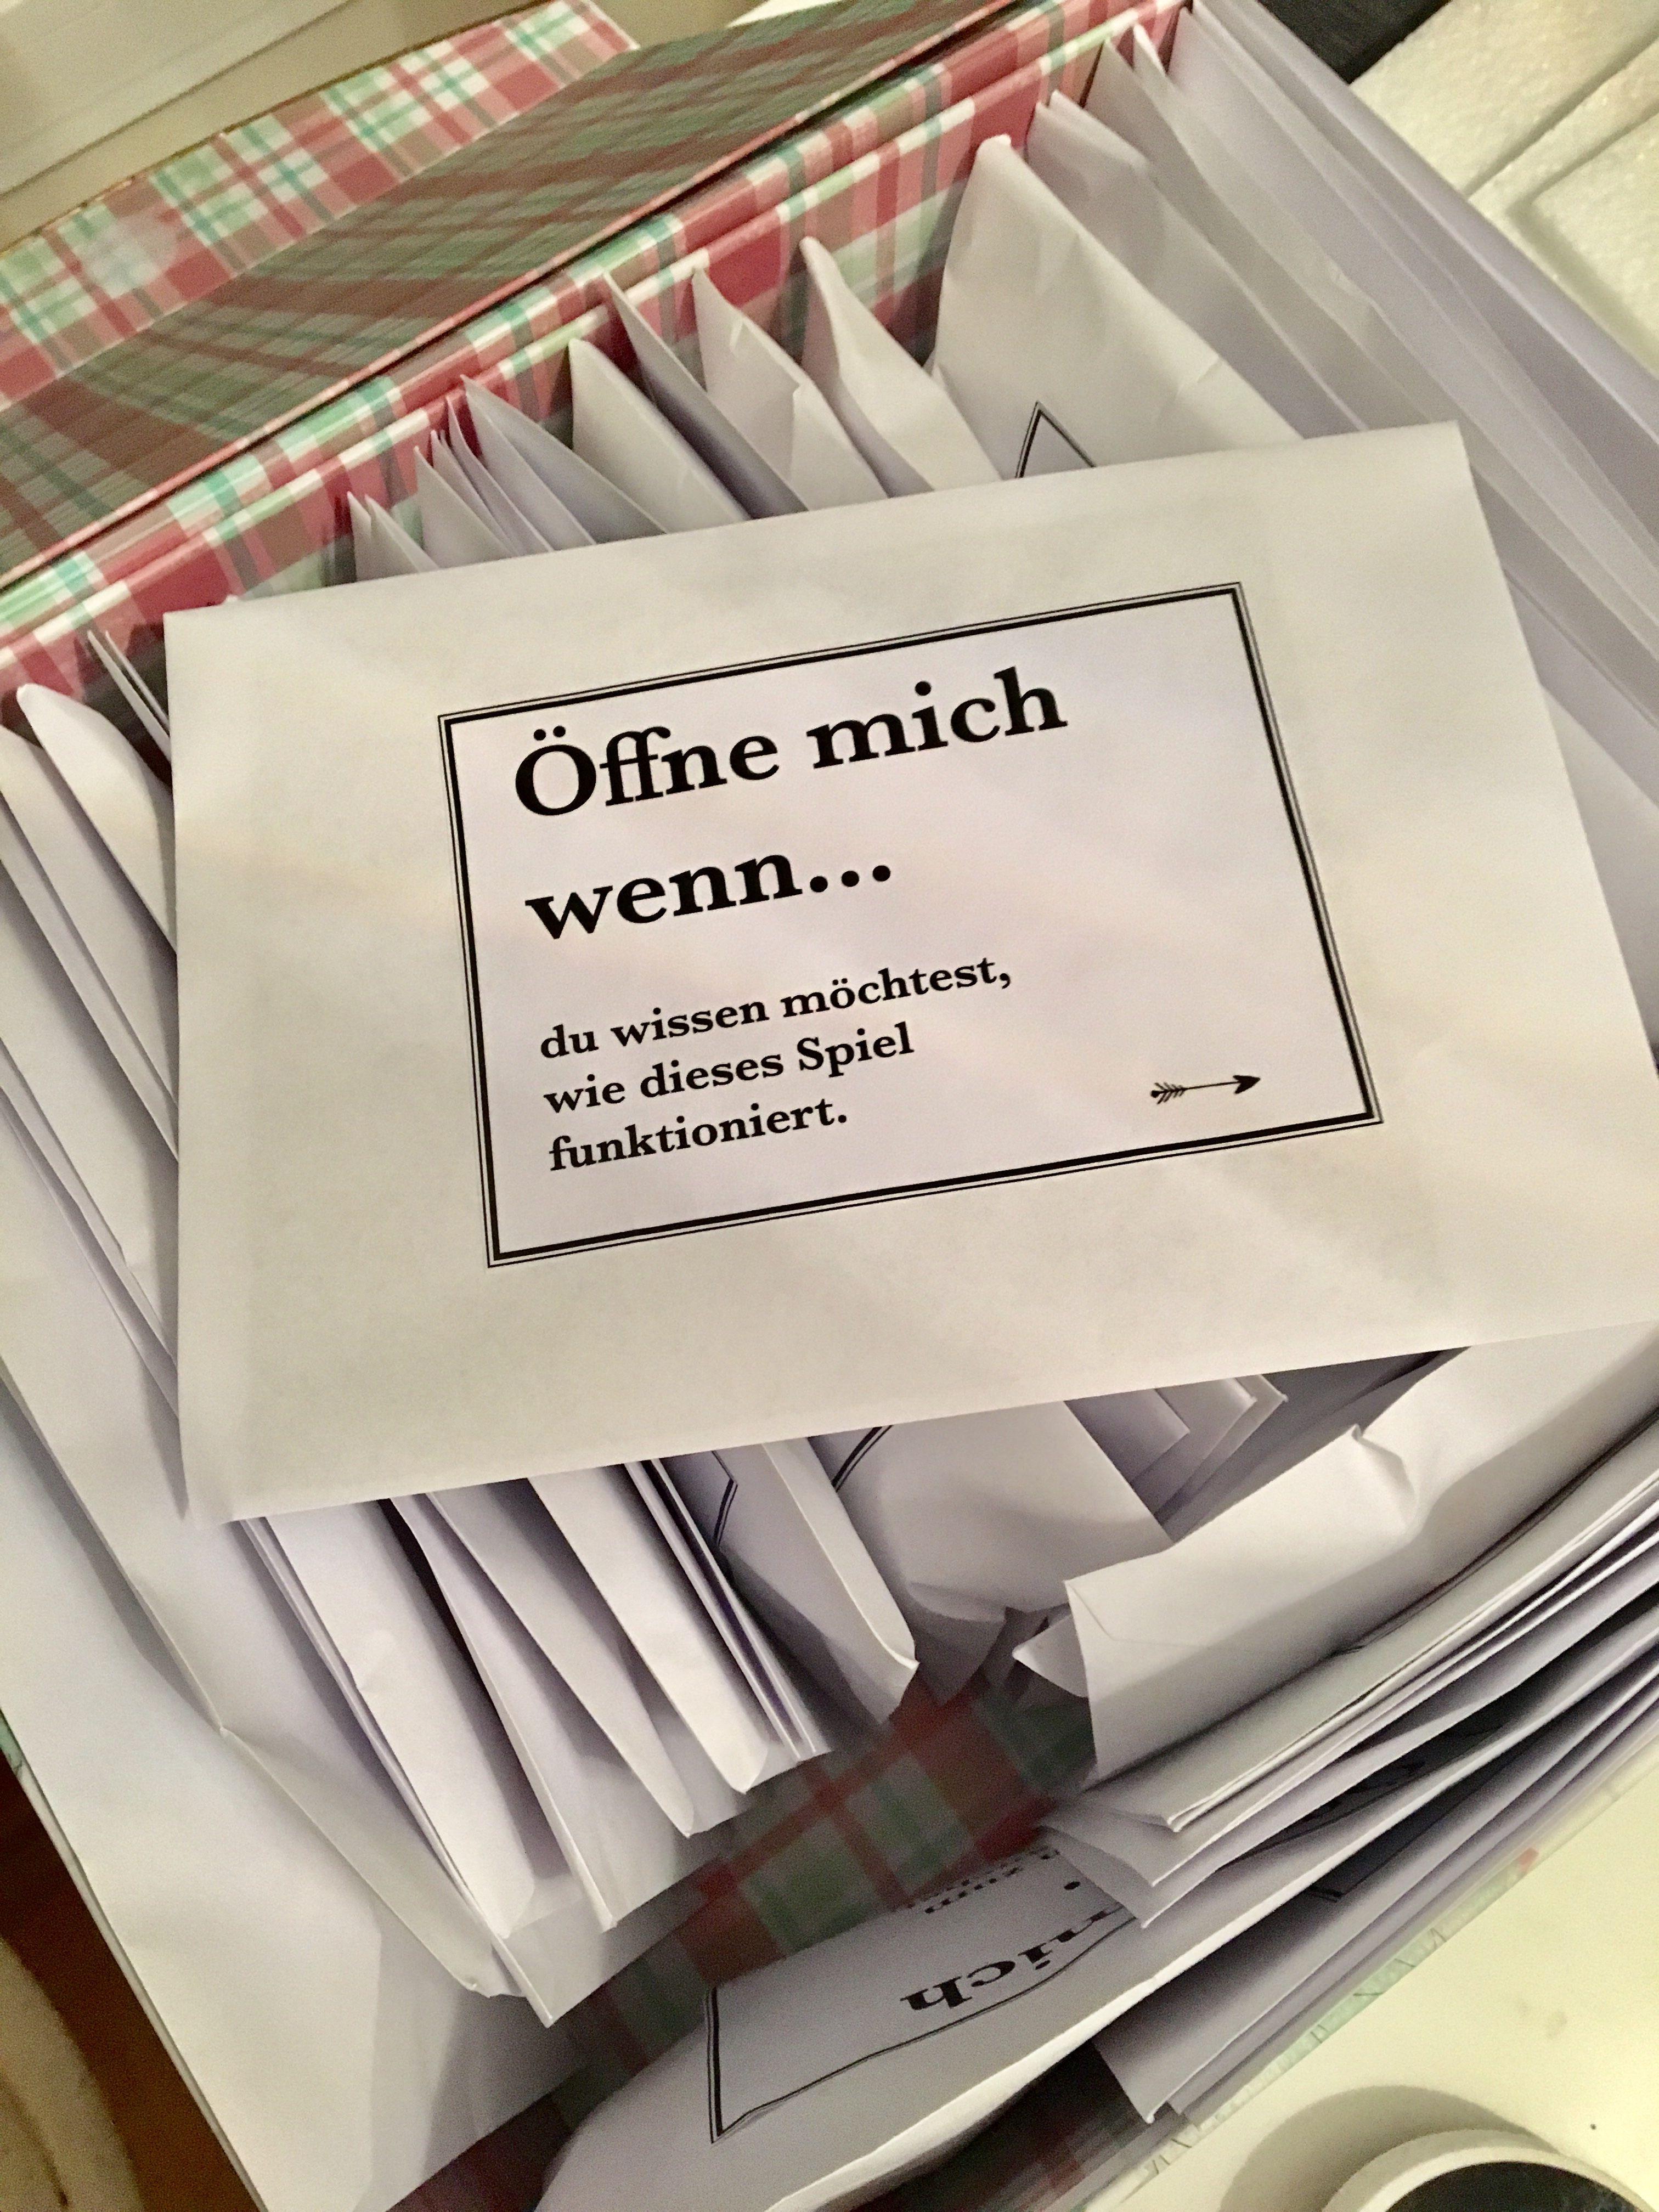 Öffne mich wenn Geschenk #weihnachtsgeschenkfreund 50 Geschenkidee + Brief-Desi…